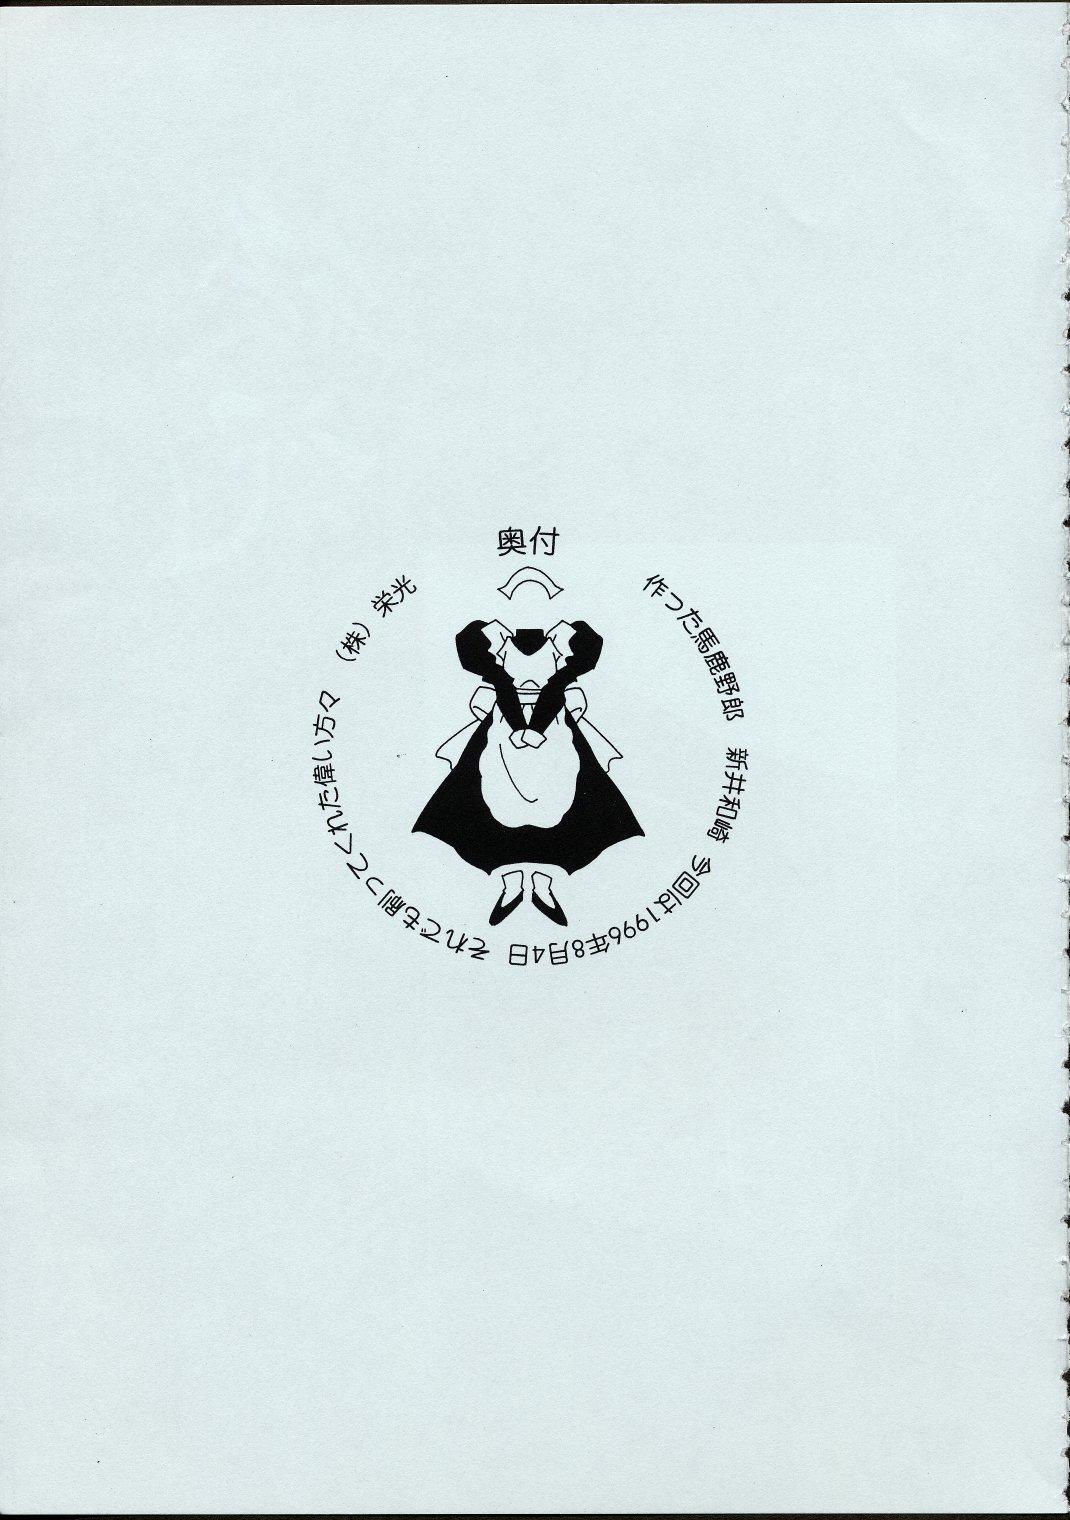 Maid-san kihonkei 95